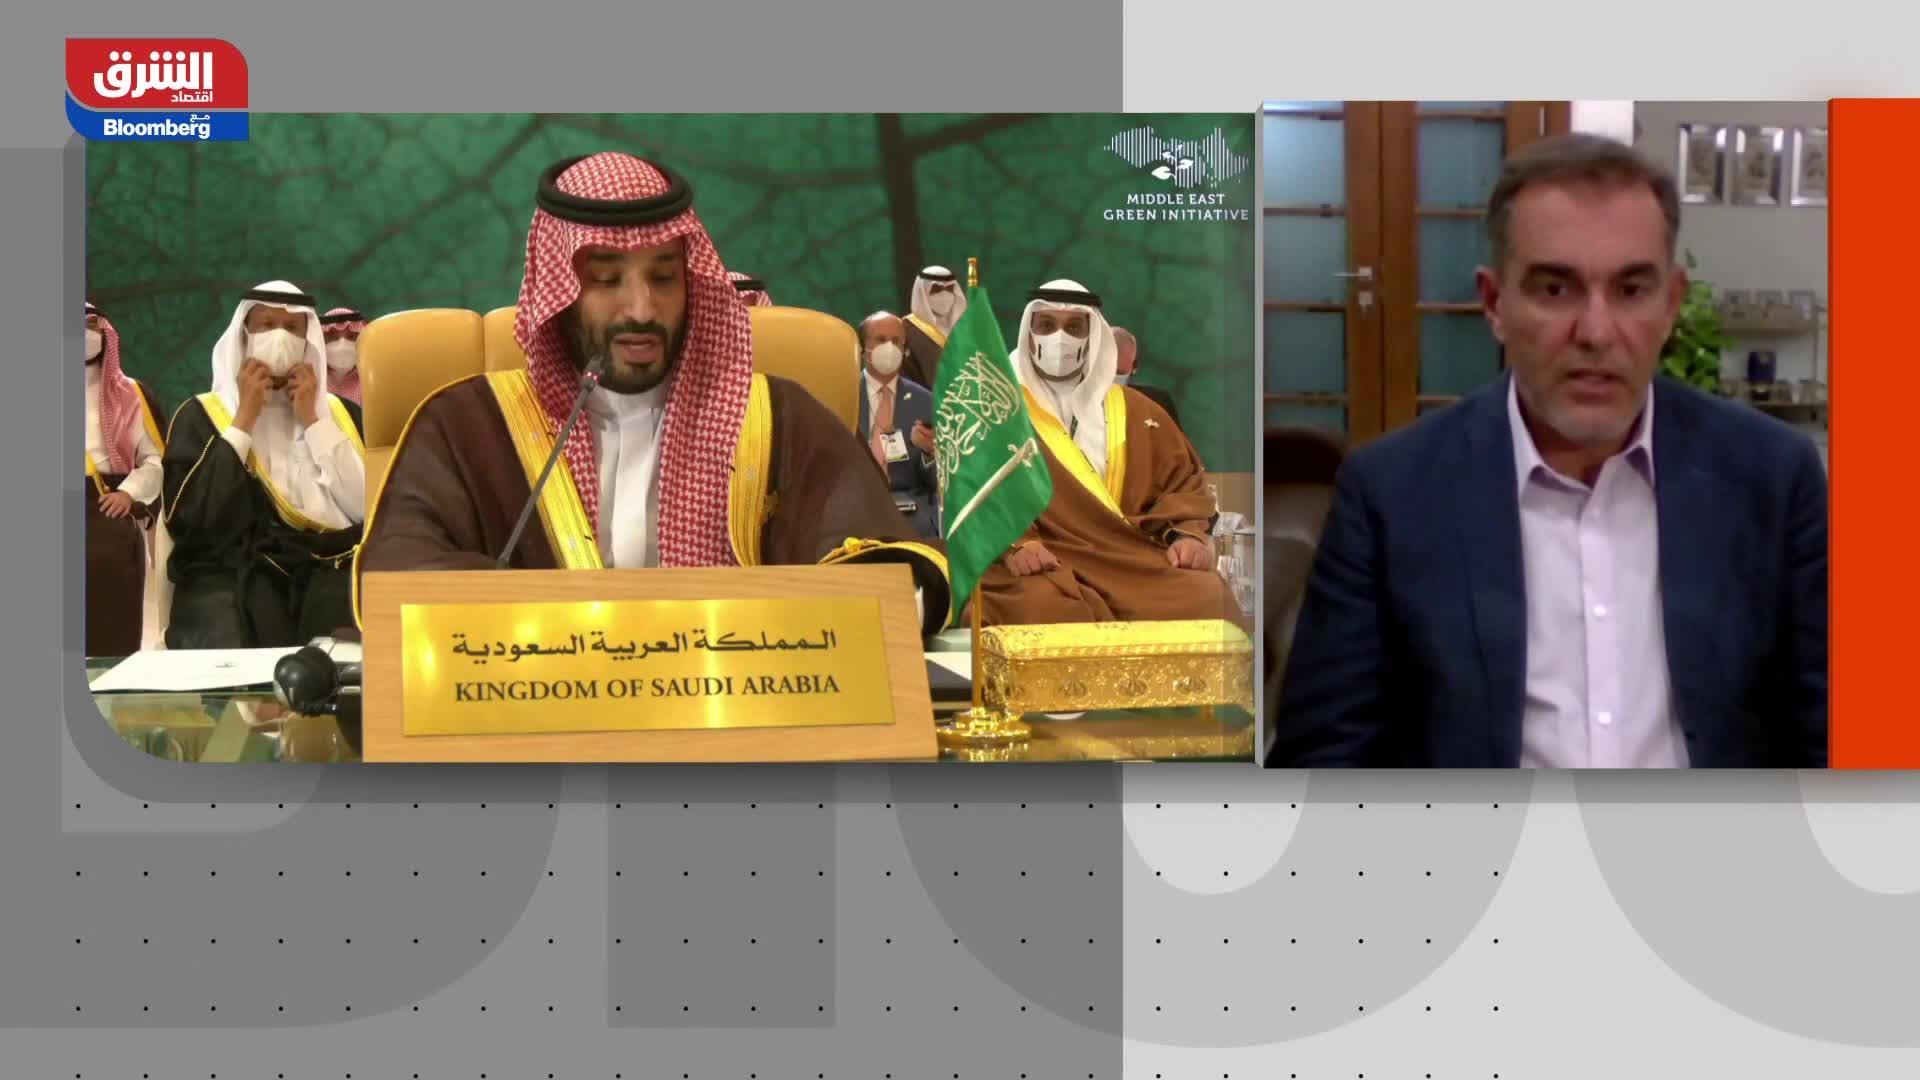 ولي العهد السعودي يطلق برنامجاً إقليمياً لخفض انبعاثات الكربون